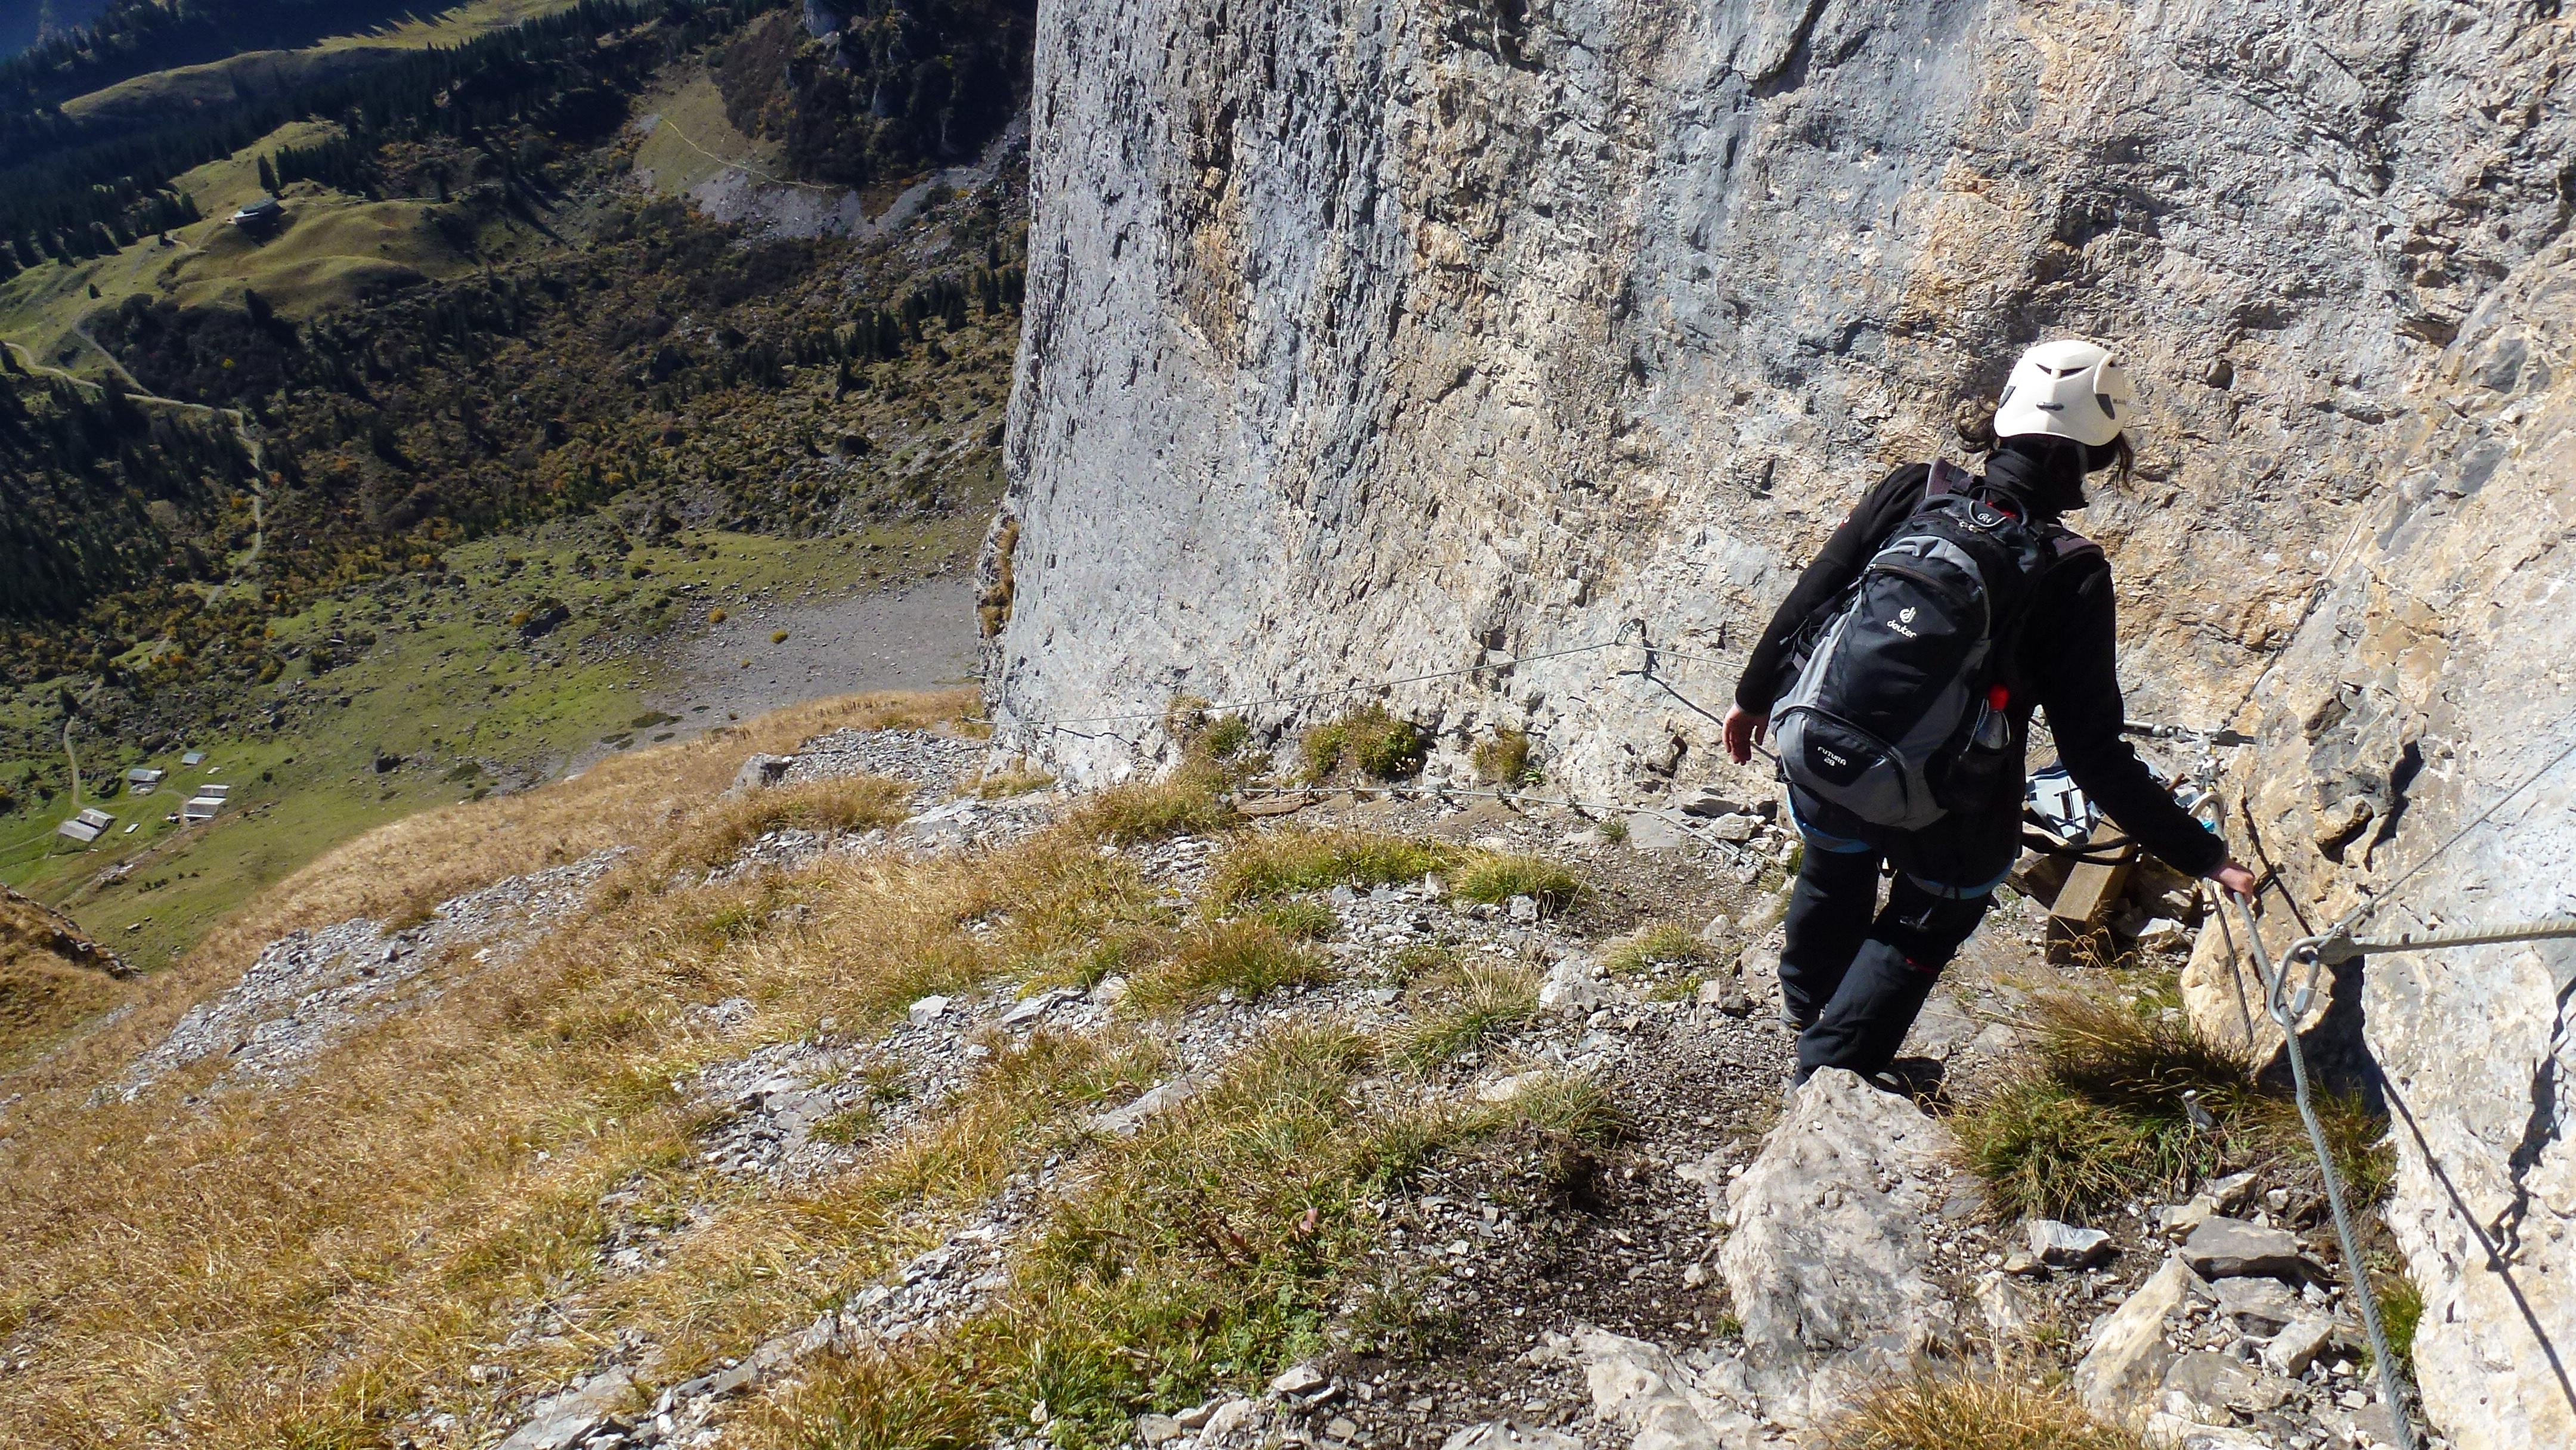 Klettersteig Himmelsleiter : Ramsau am dachstein die wiege der klettersteige